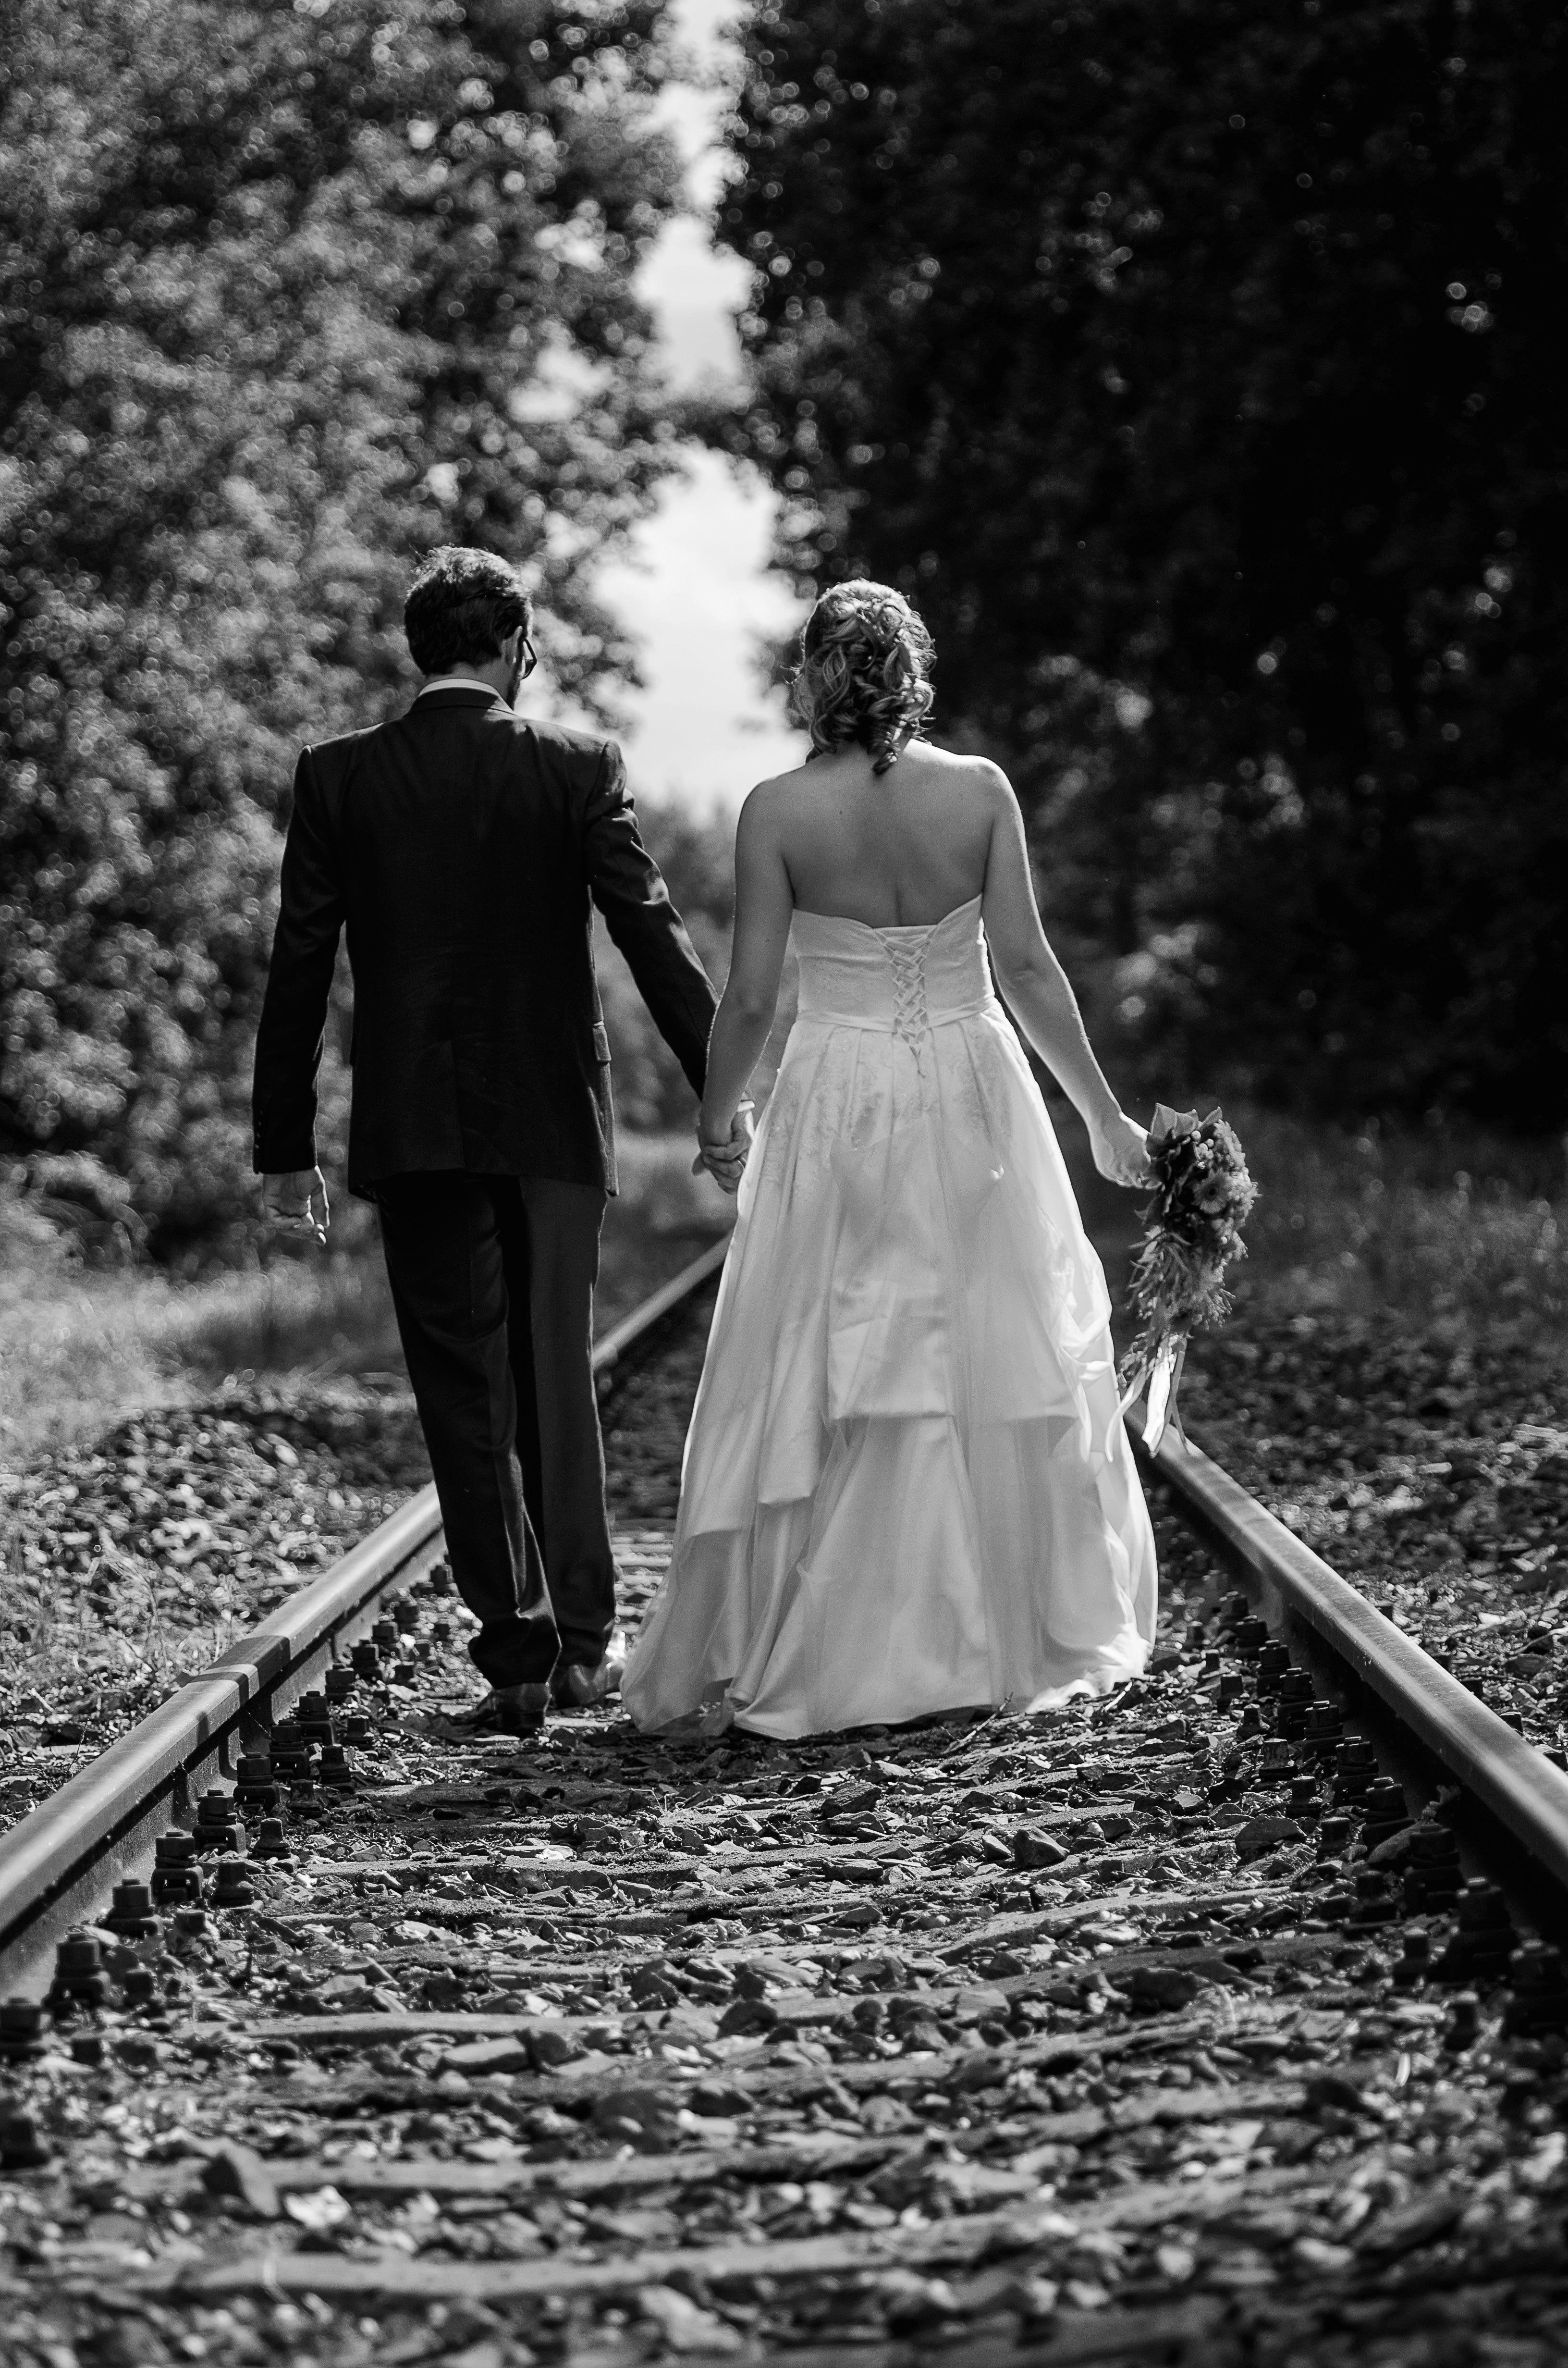 Wedding Photography - Black and white / Schwarz weiss - Hochzeitsfotografie - Couple, bride